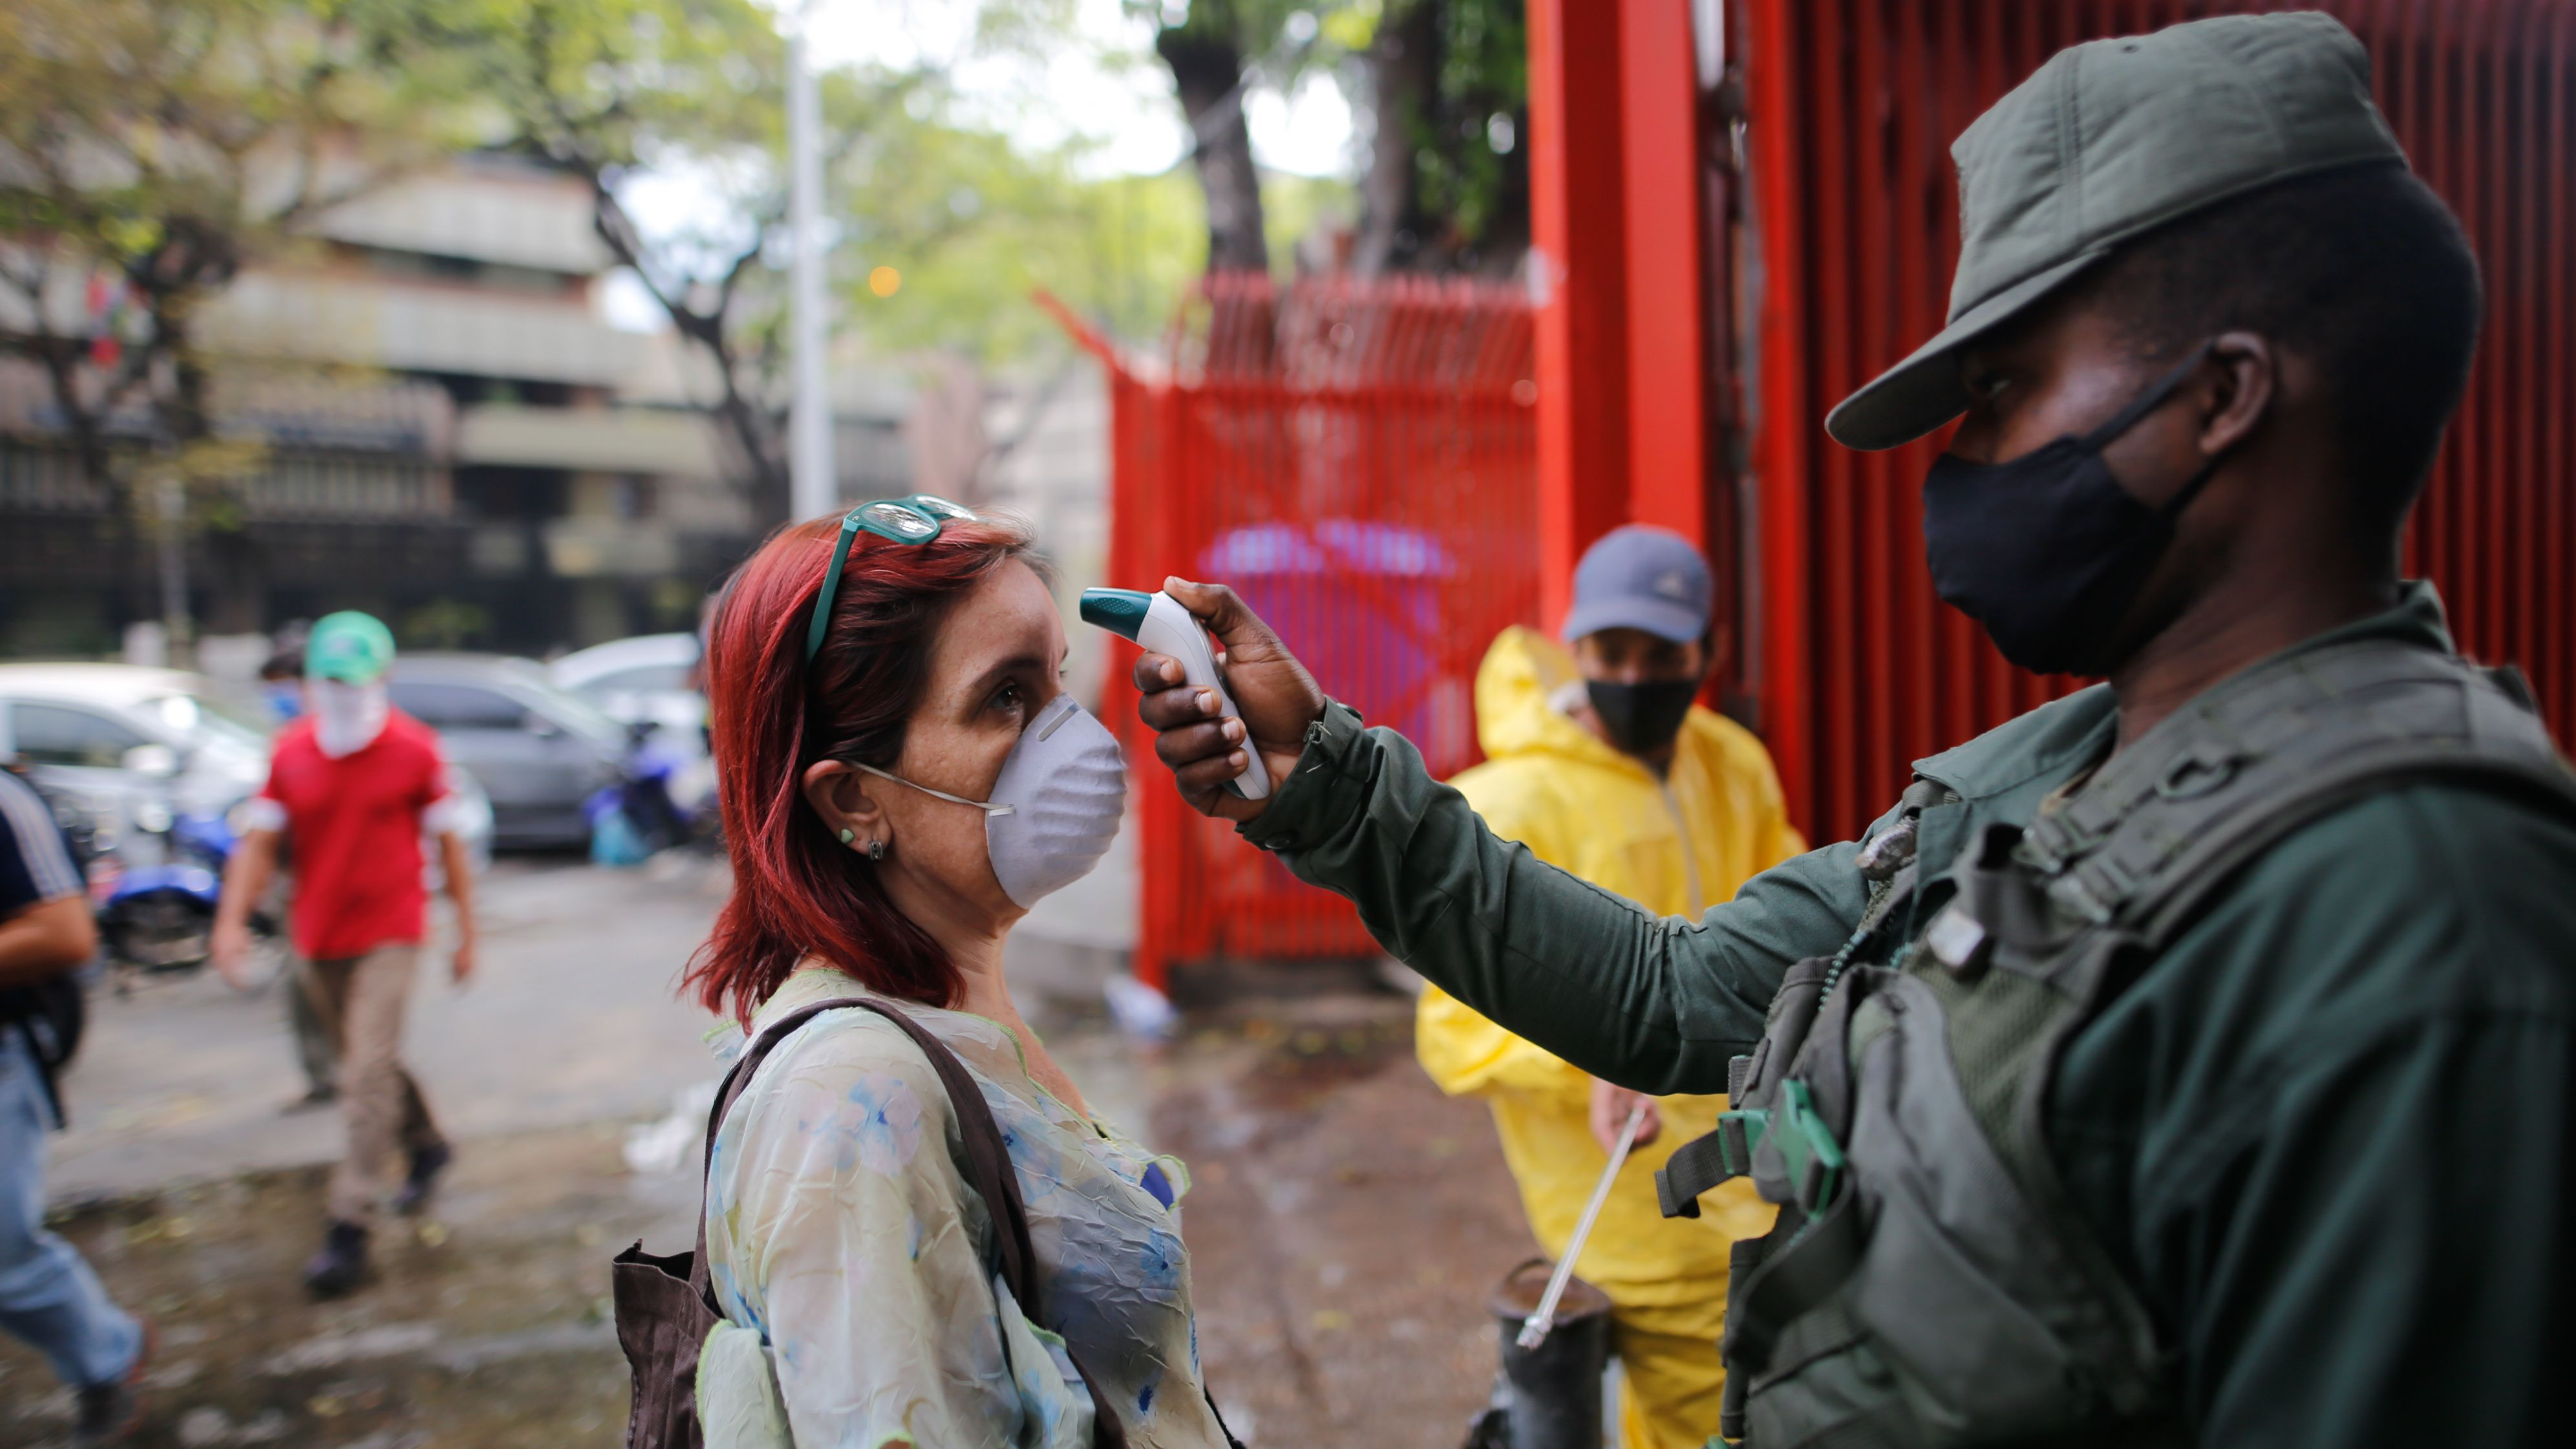 Venezuela, Caracas: Ein Soldat misst die Temperatur bei einer Frau am Eingang eines Marktes als Maßnahme gegen die Ausbreitung des Coronavirus.